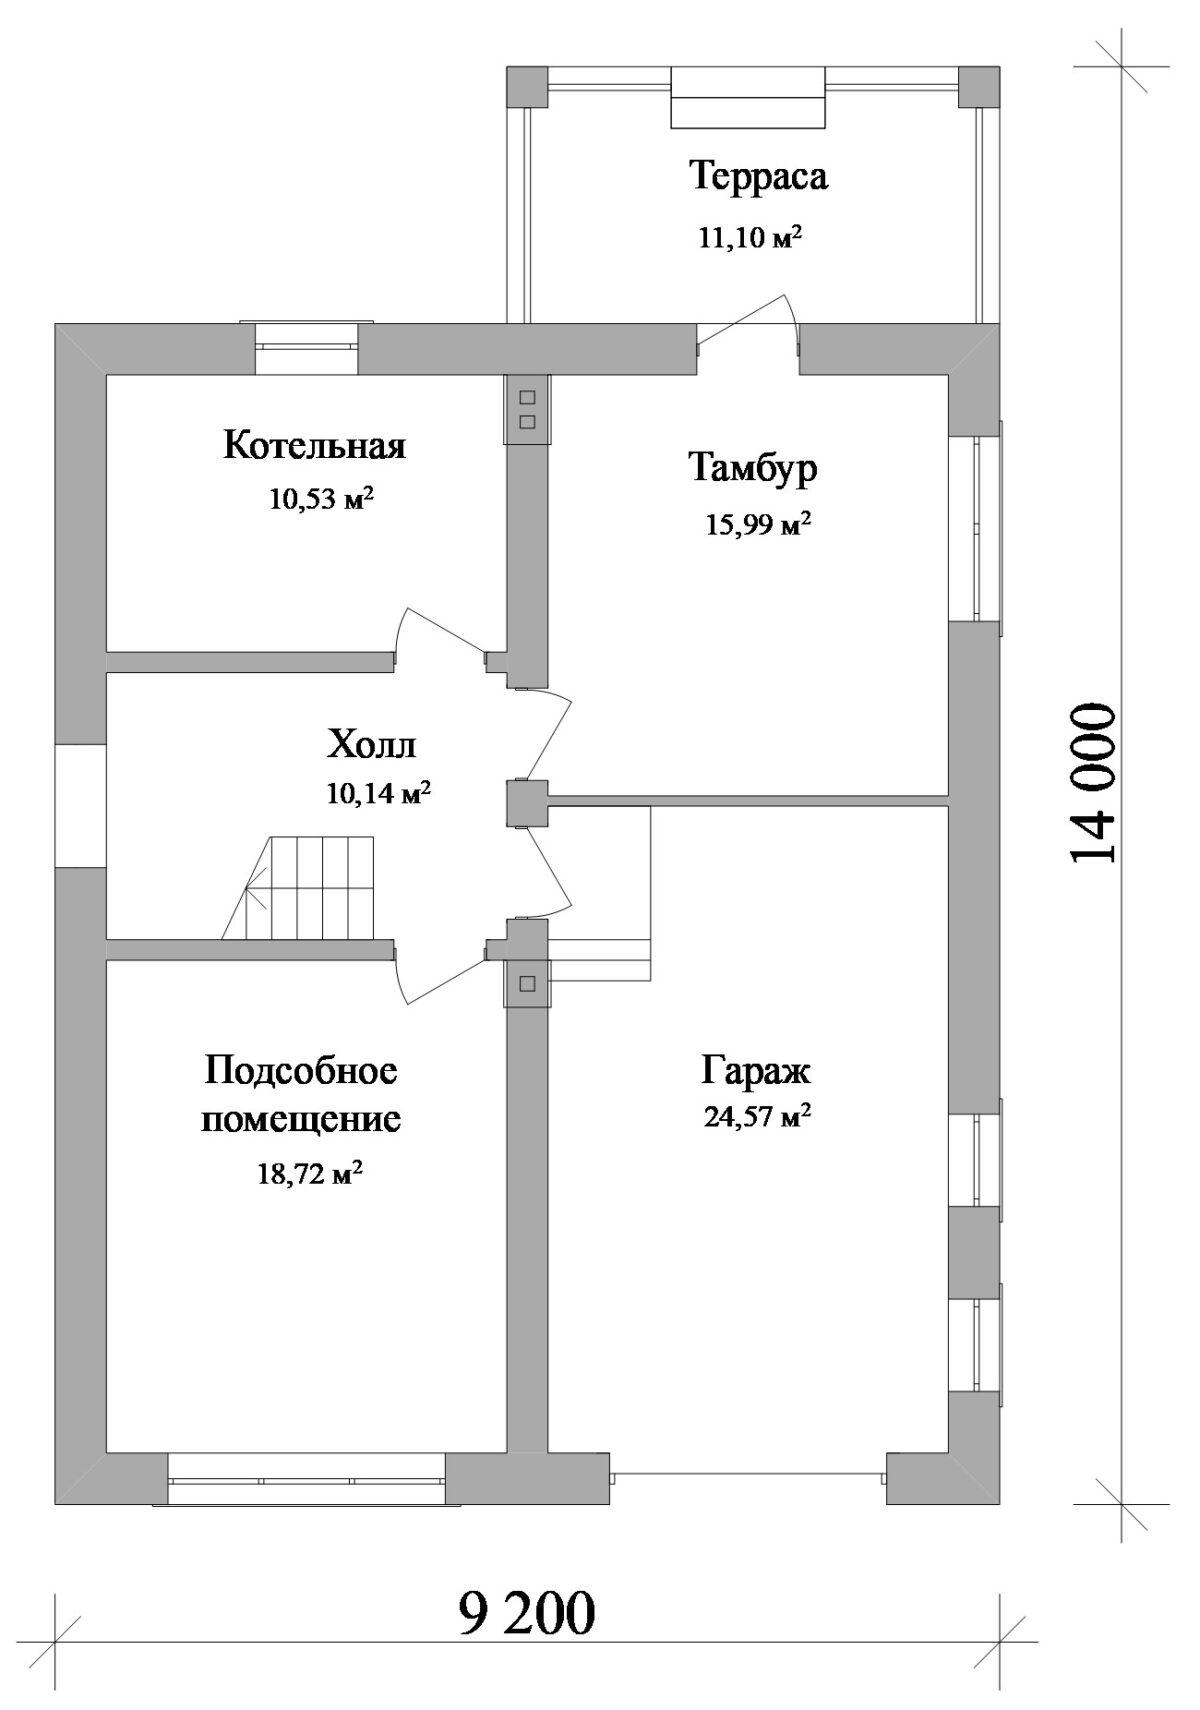 Файт D-127. Проект двухэтажного мансардного коттеджа на 3 спальни, с гаражом